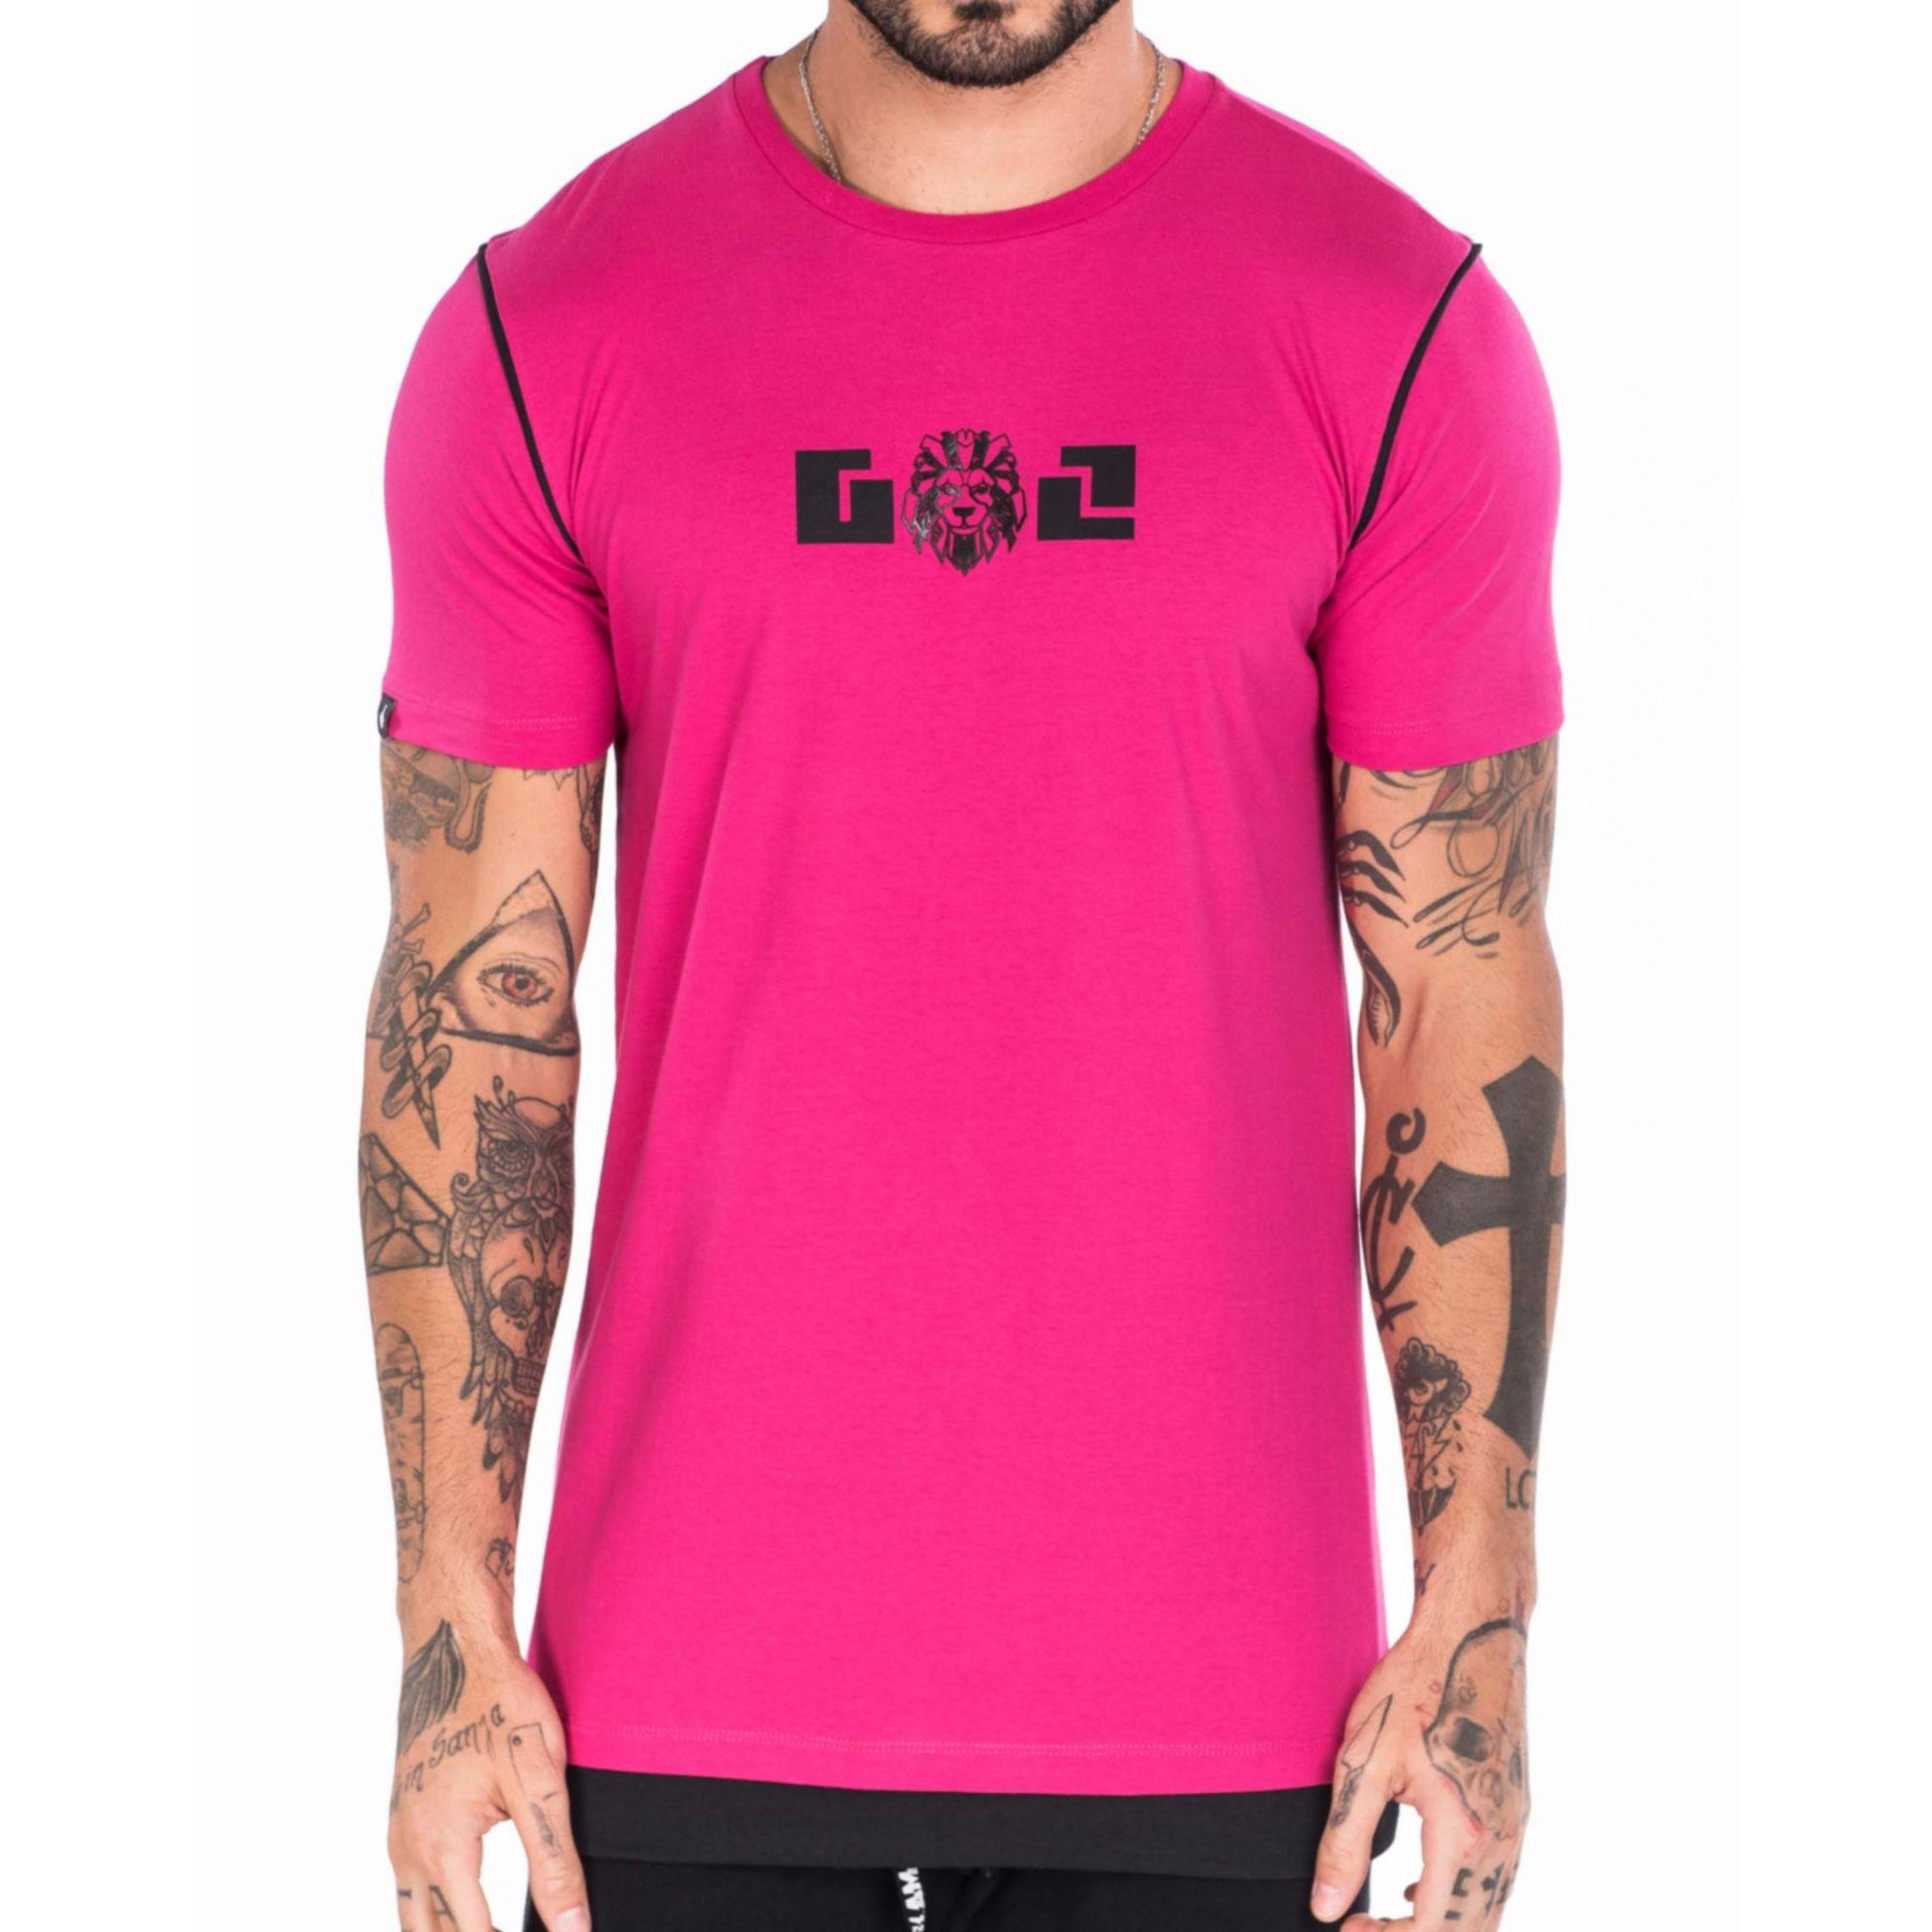 Camiseta Gol By Buh Pink